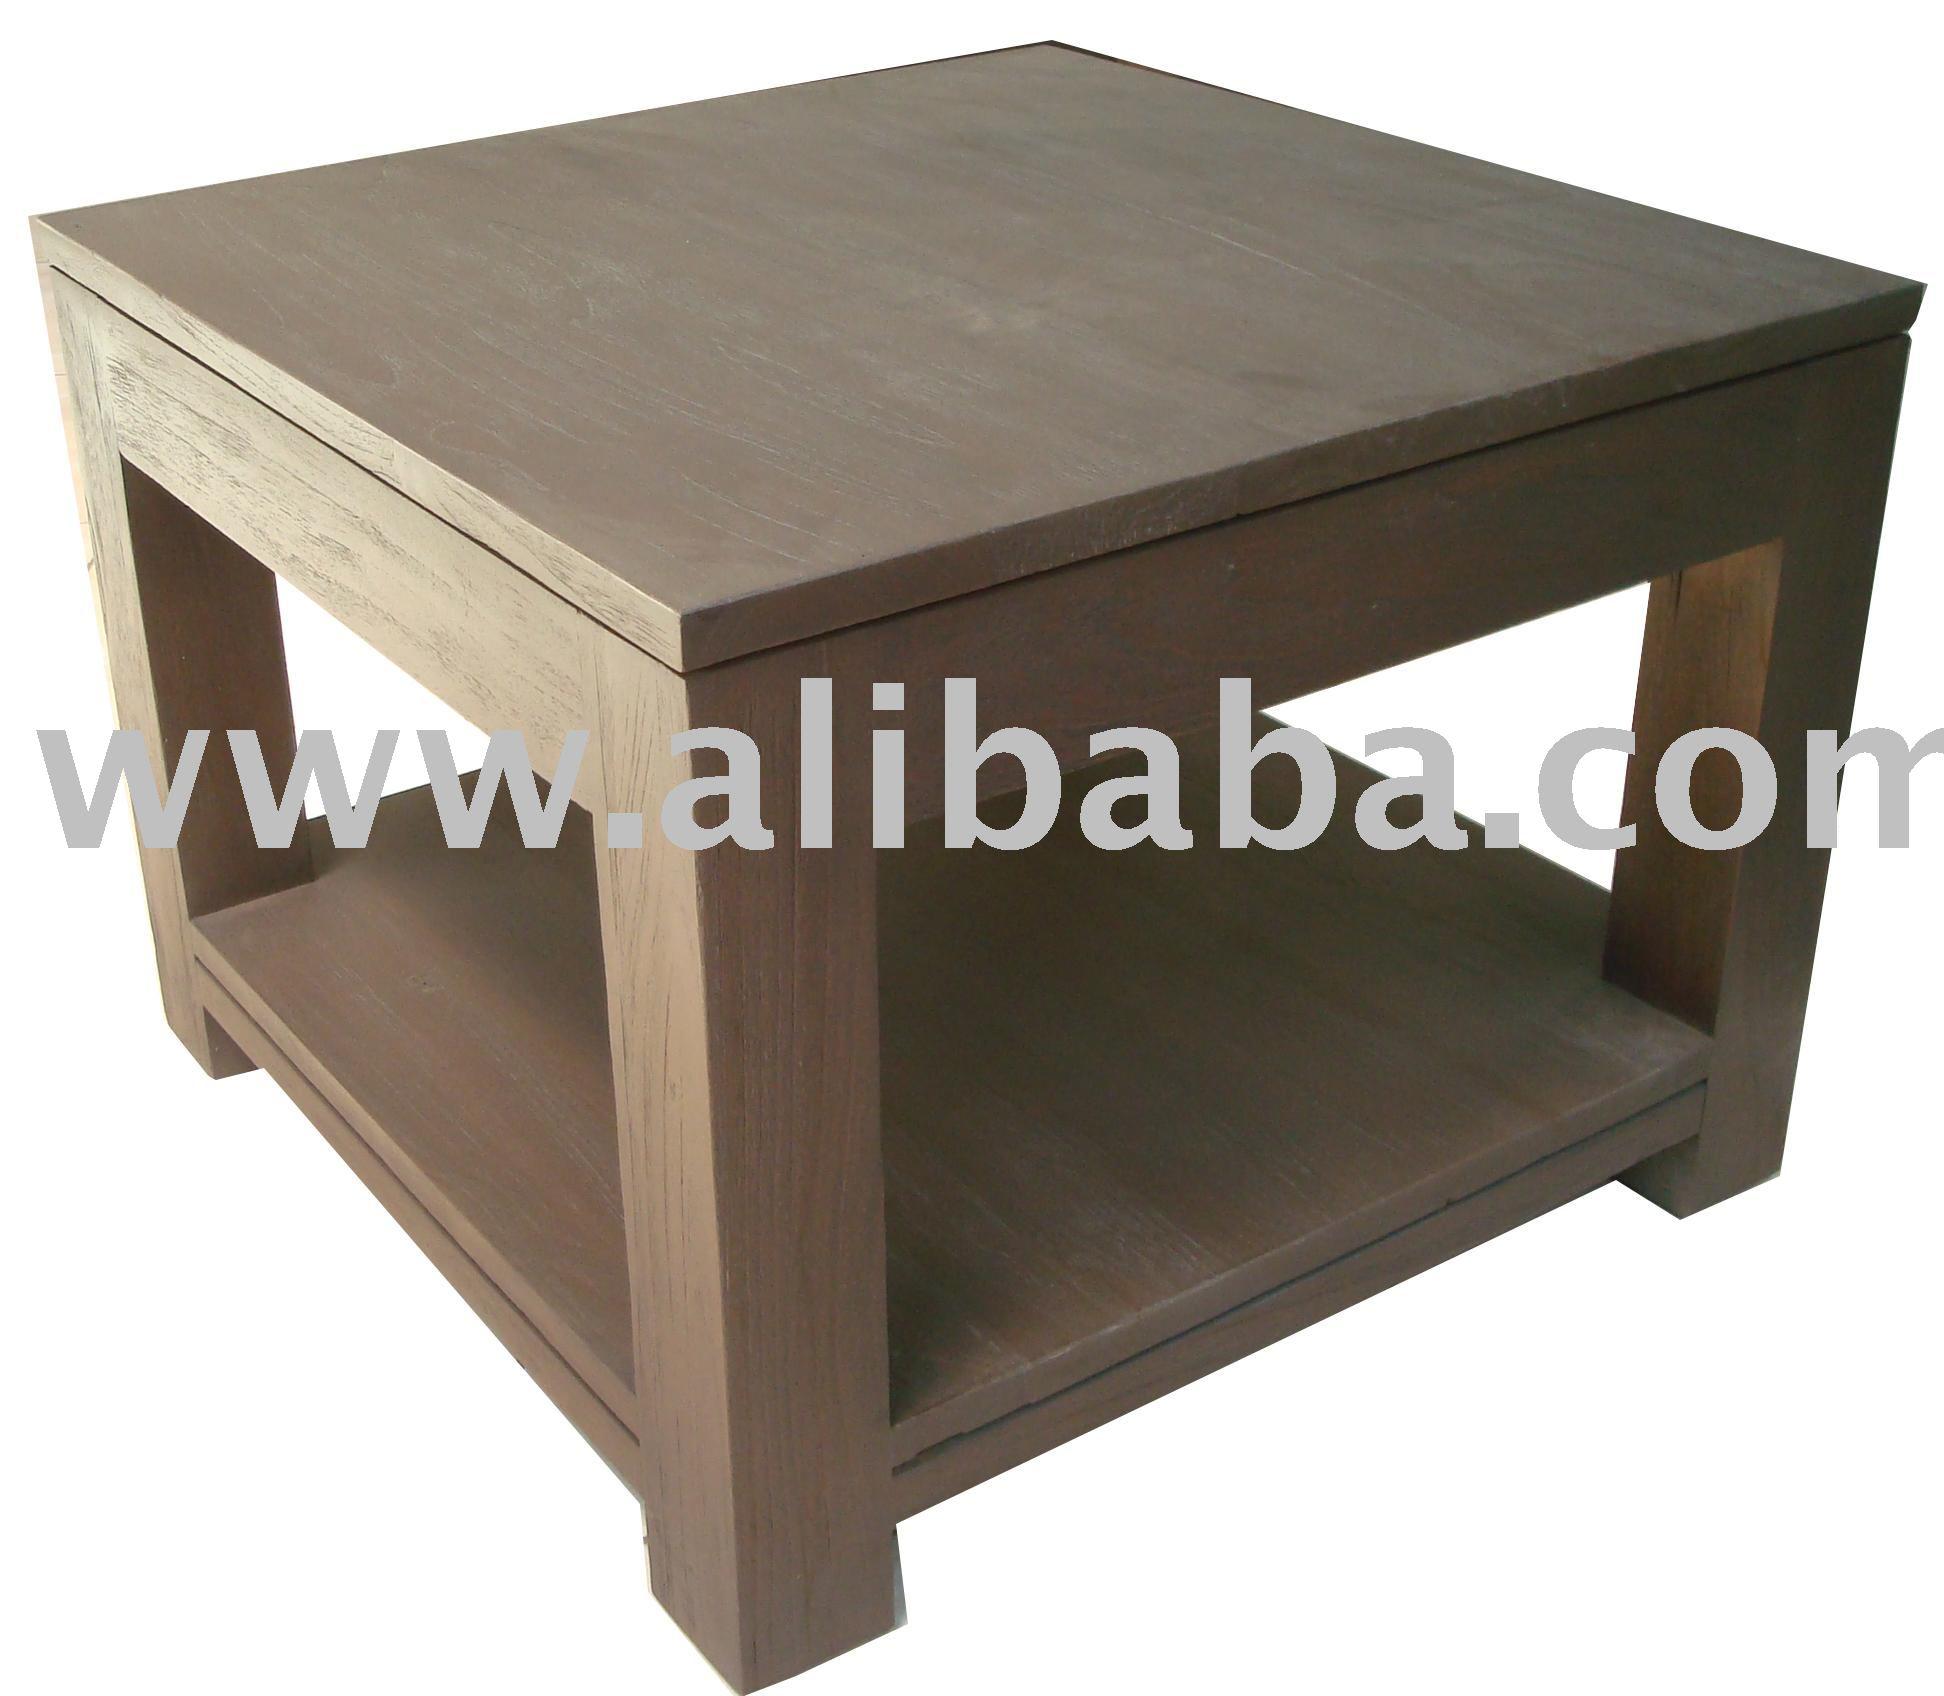 Moderno de madera de teca muebles r sticos mesa de madera - Muebles de madera de teca ...